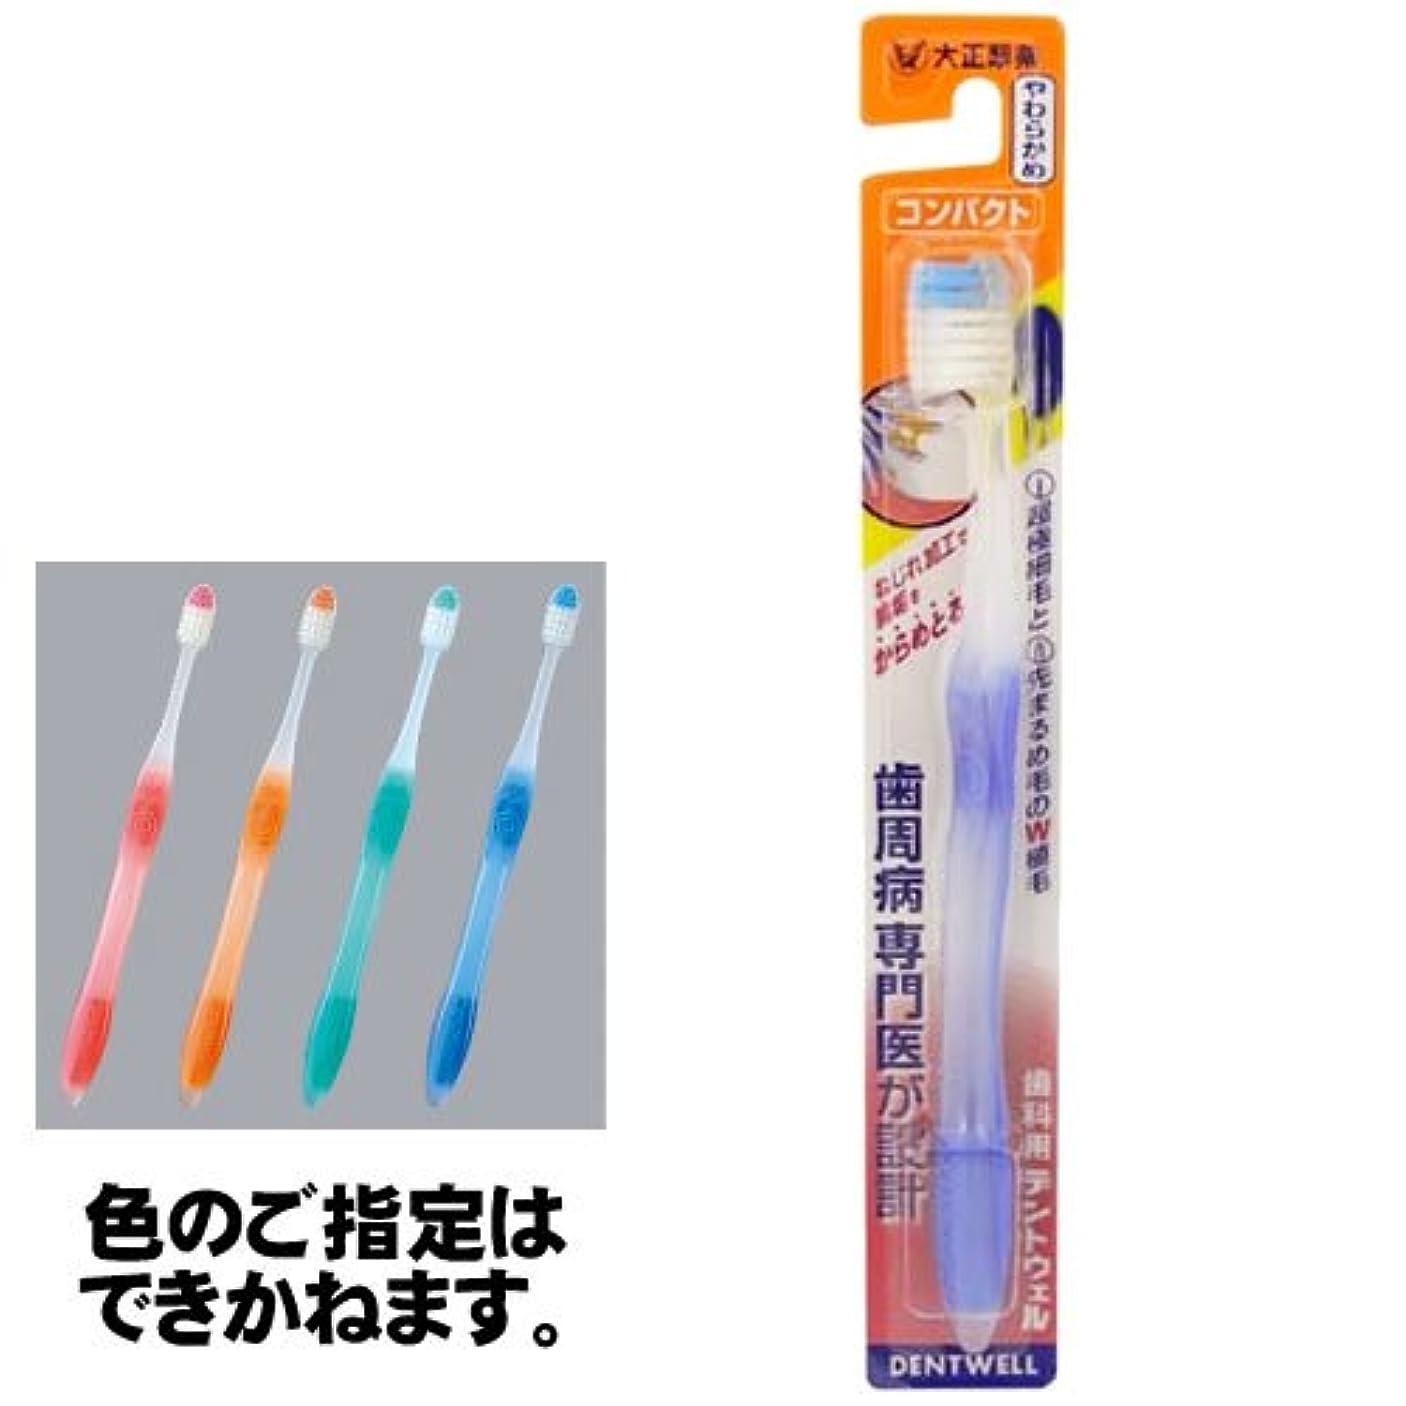 〔大正製薬〕歯科用デントウェル歯ブラシ コンパクト やわらかめ×12個セット